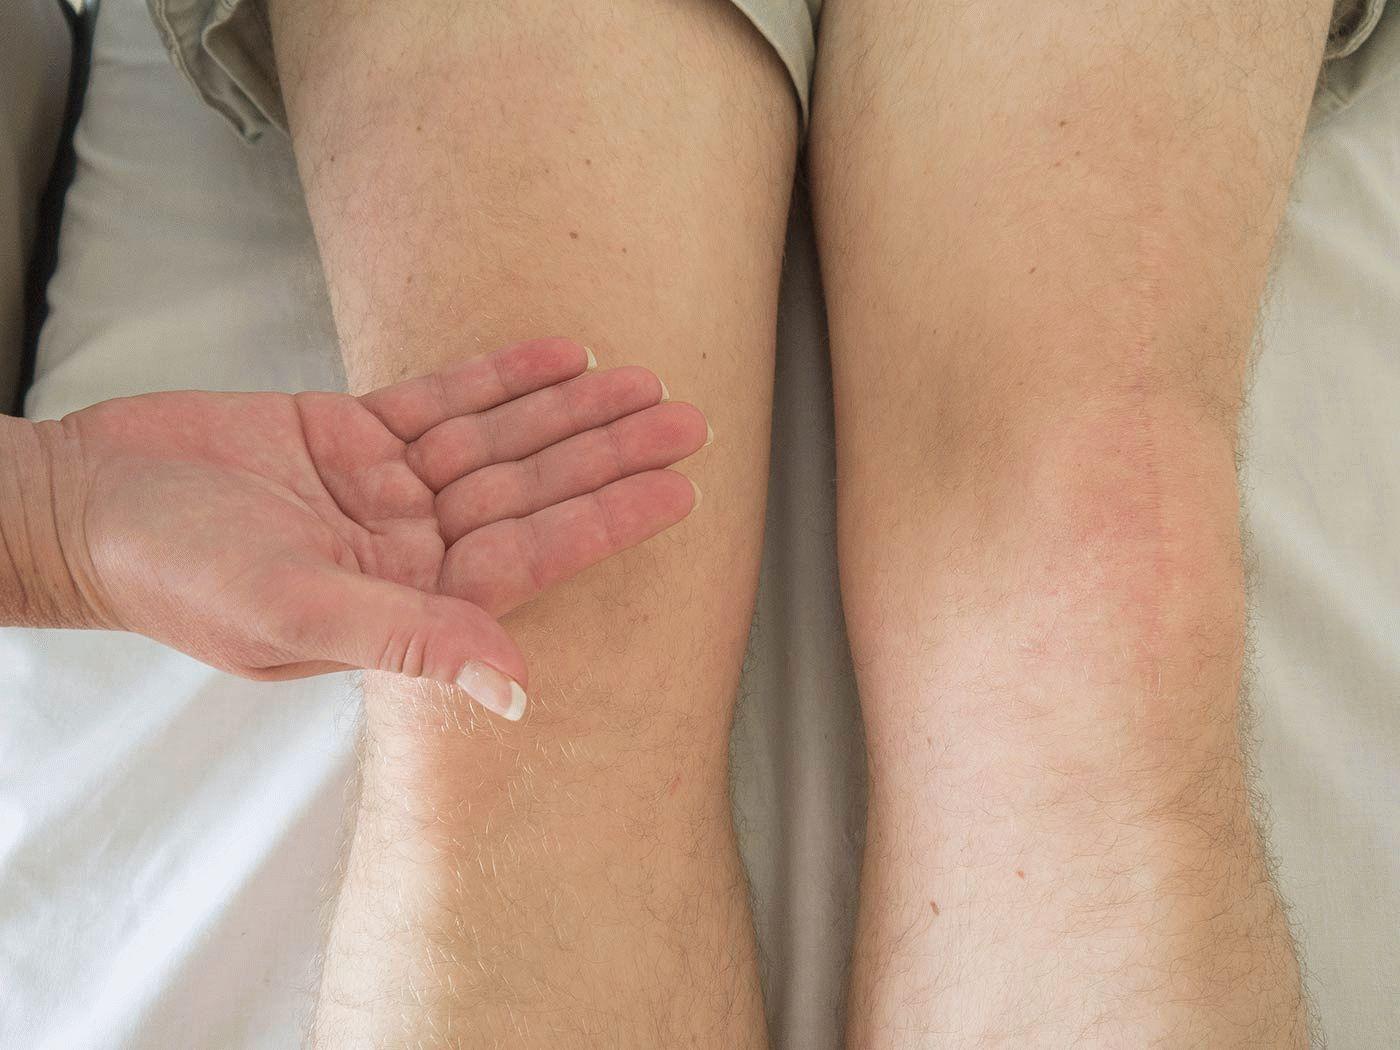 К какому врачу нужно обратиться если болят колени